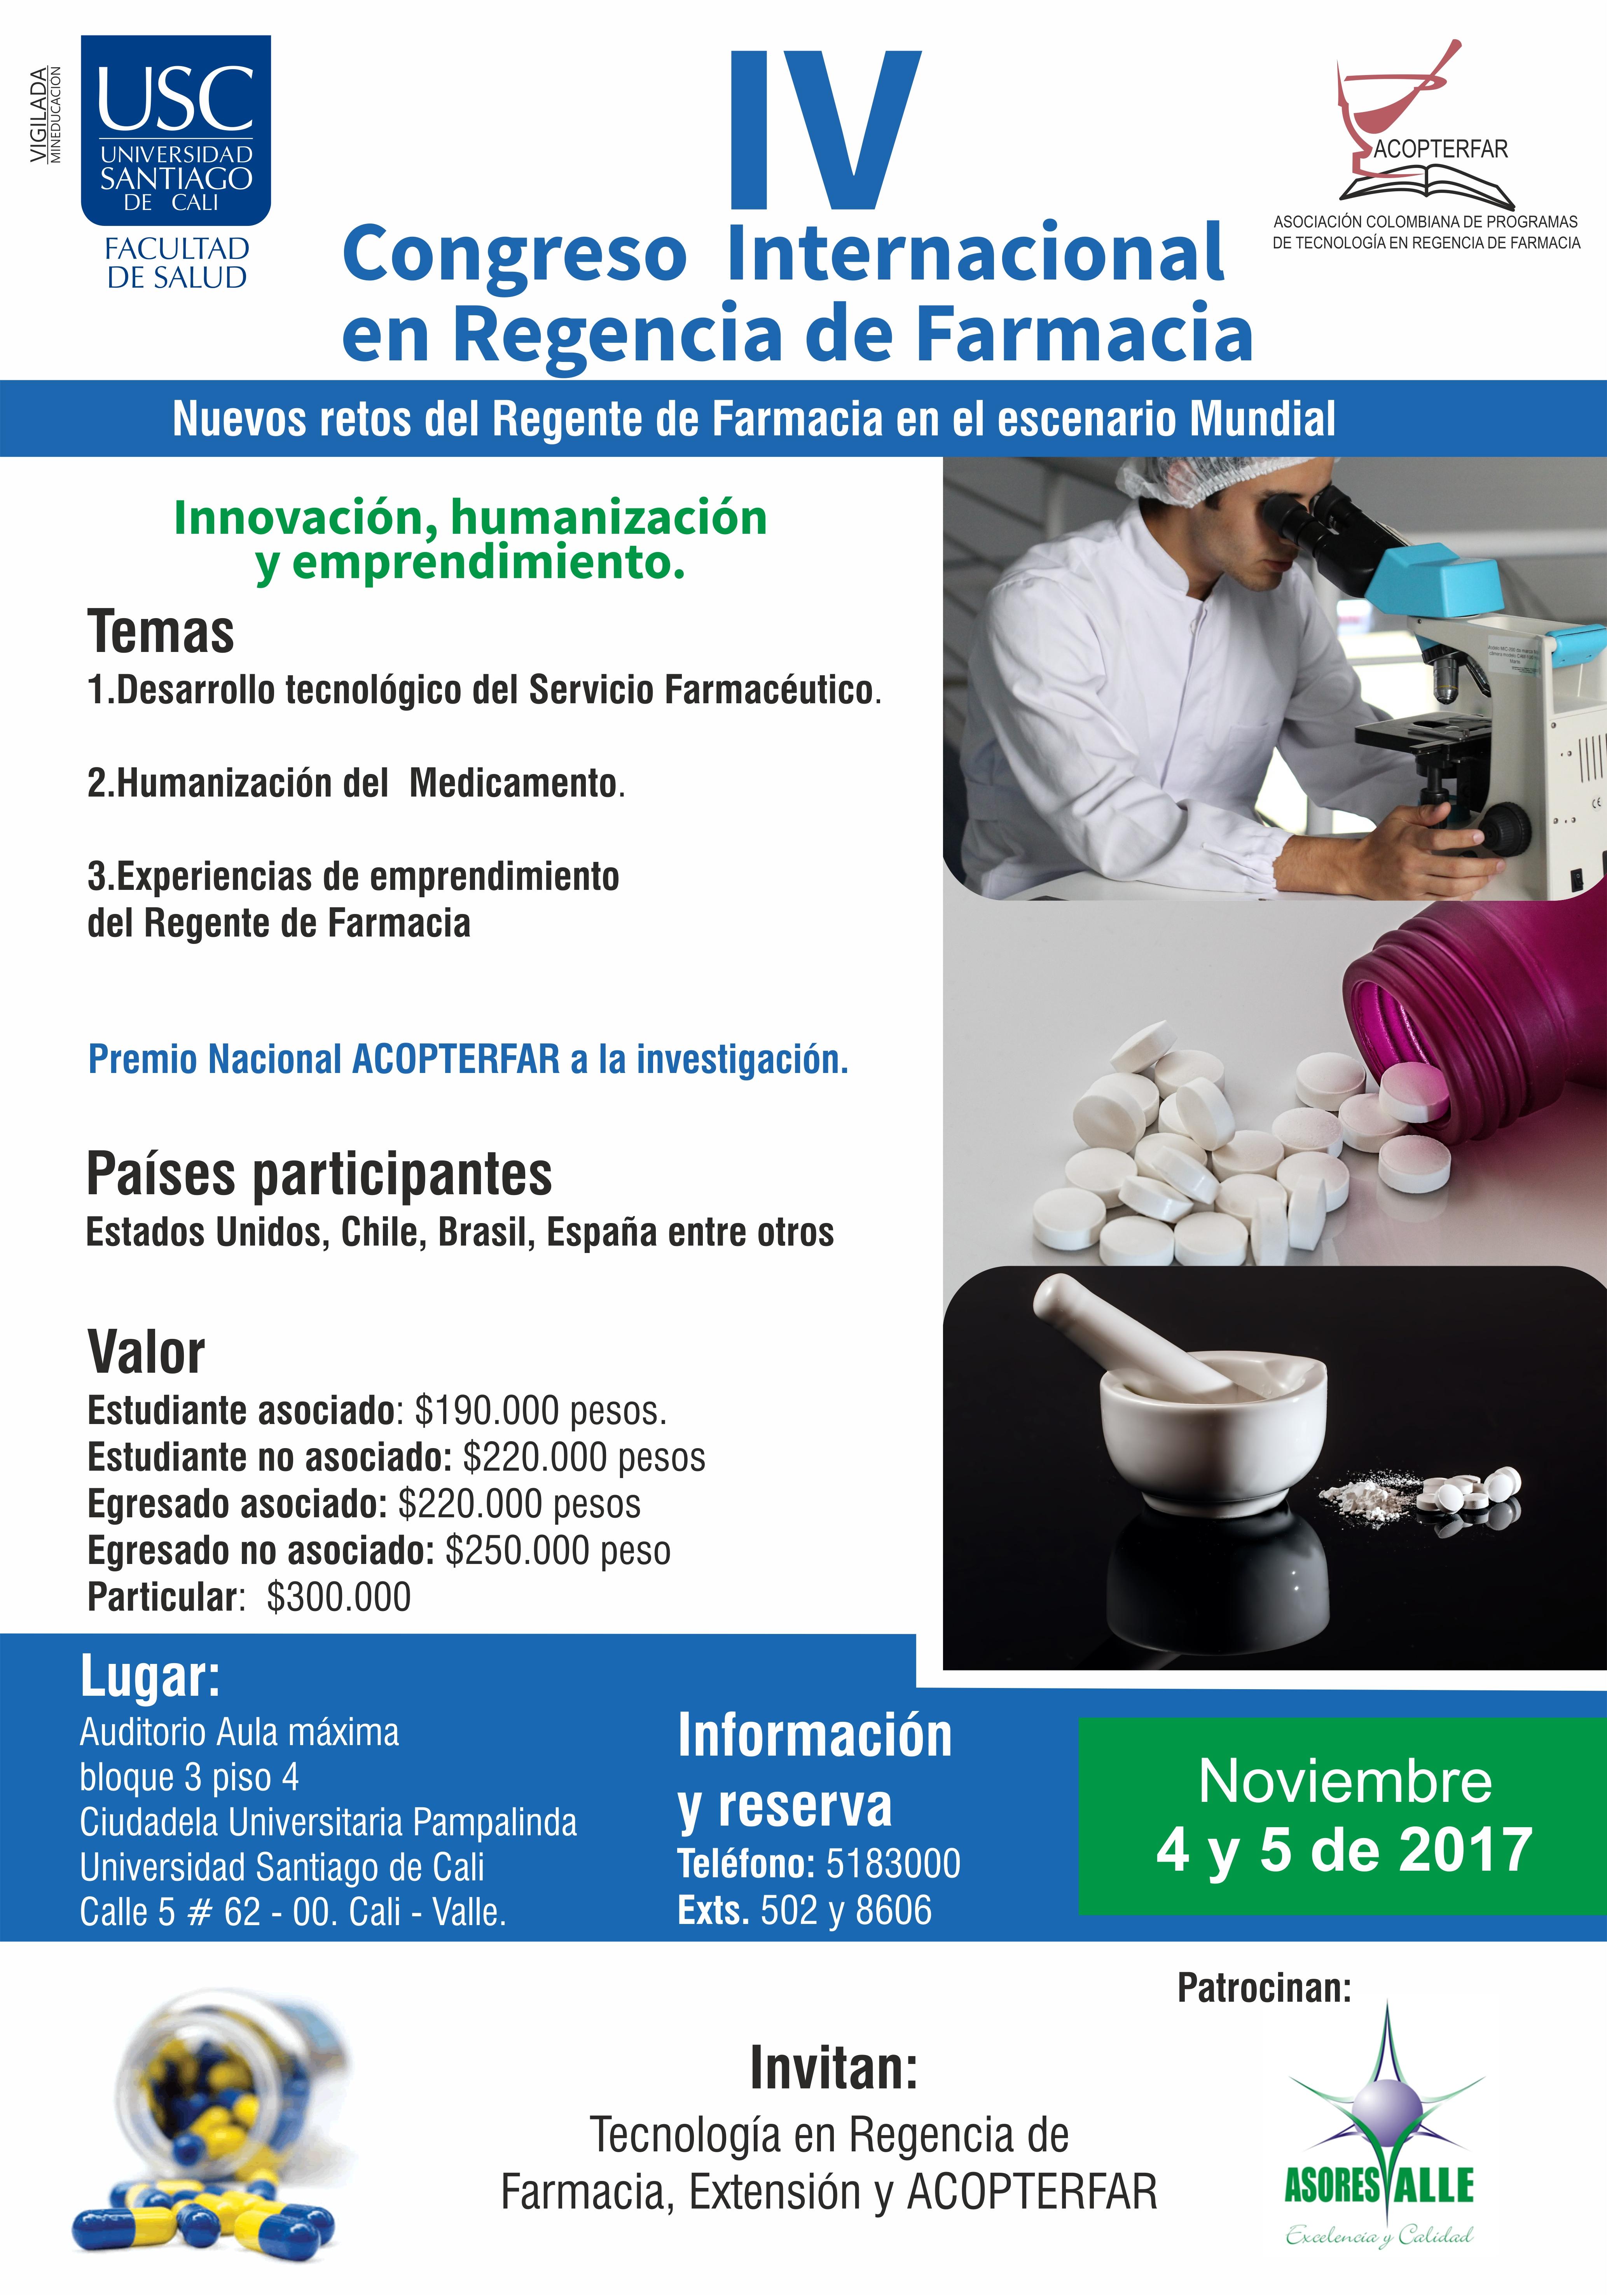 AfichecongresoregenciafarmaciaUSC